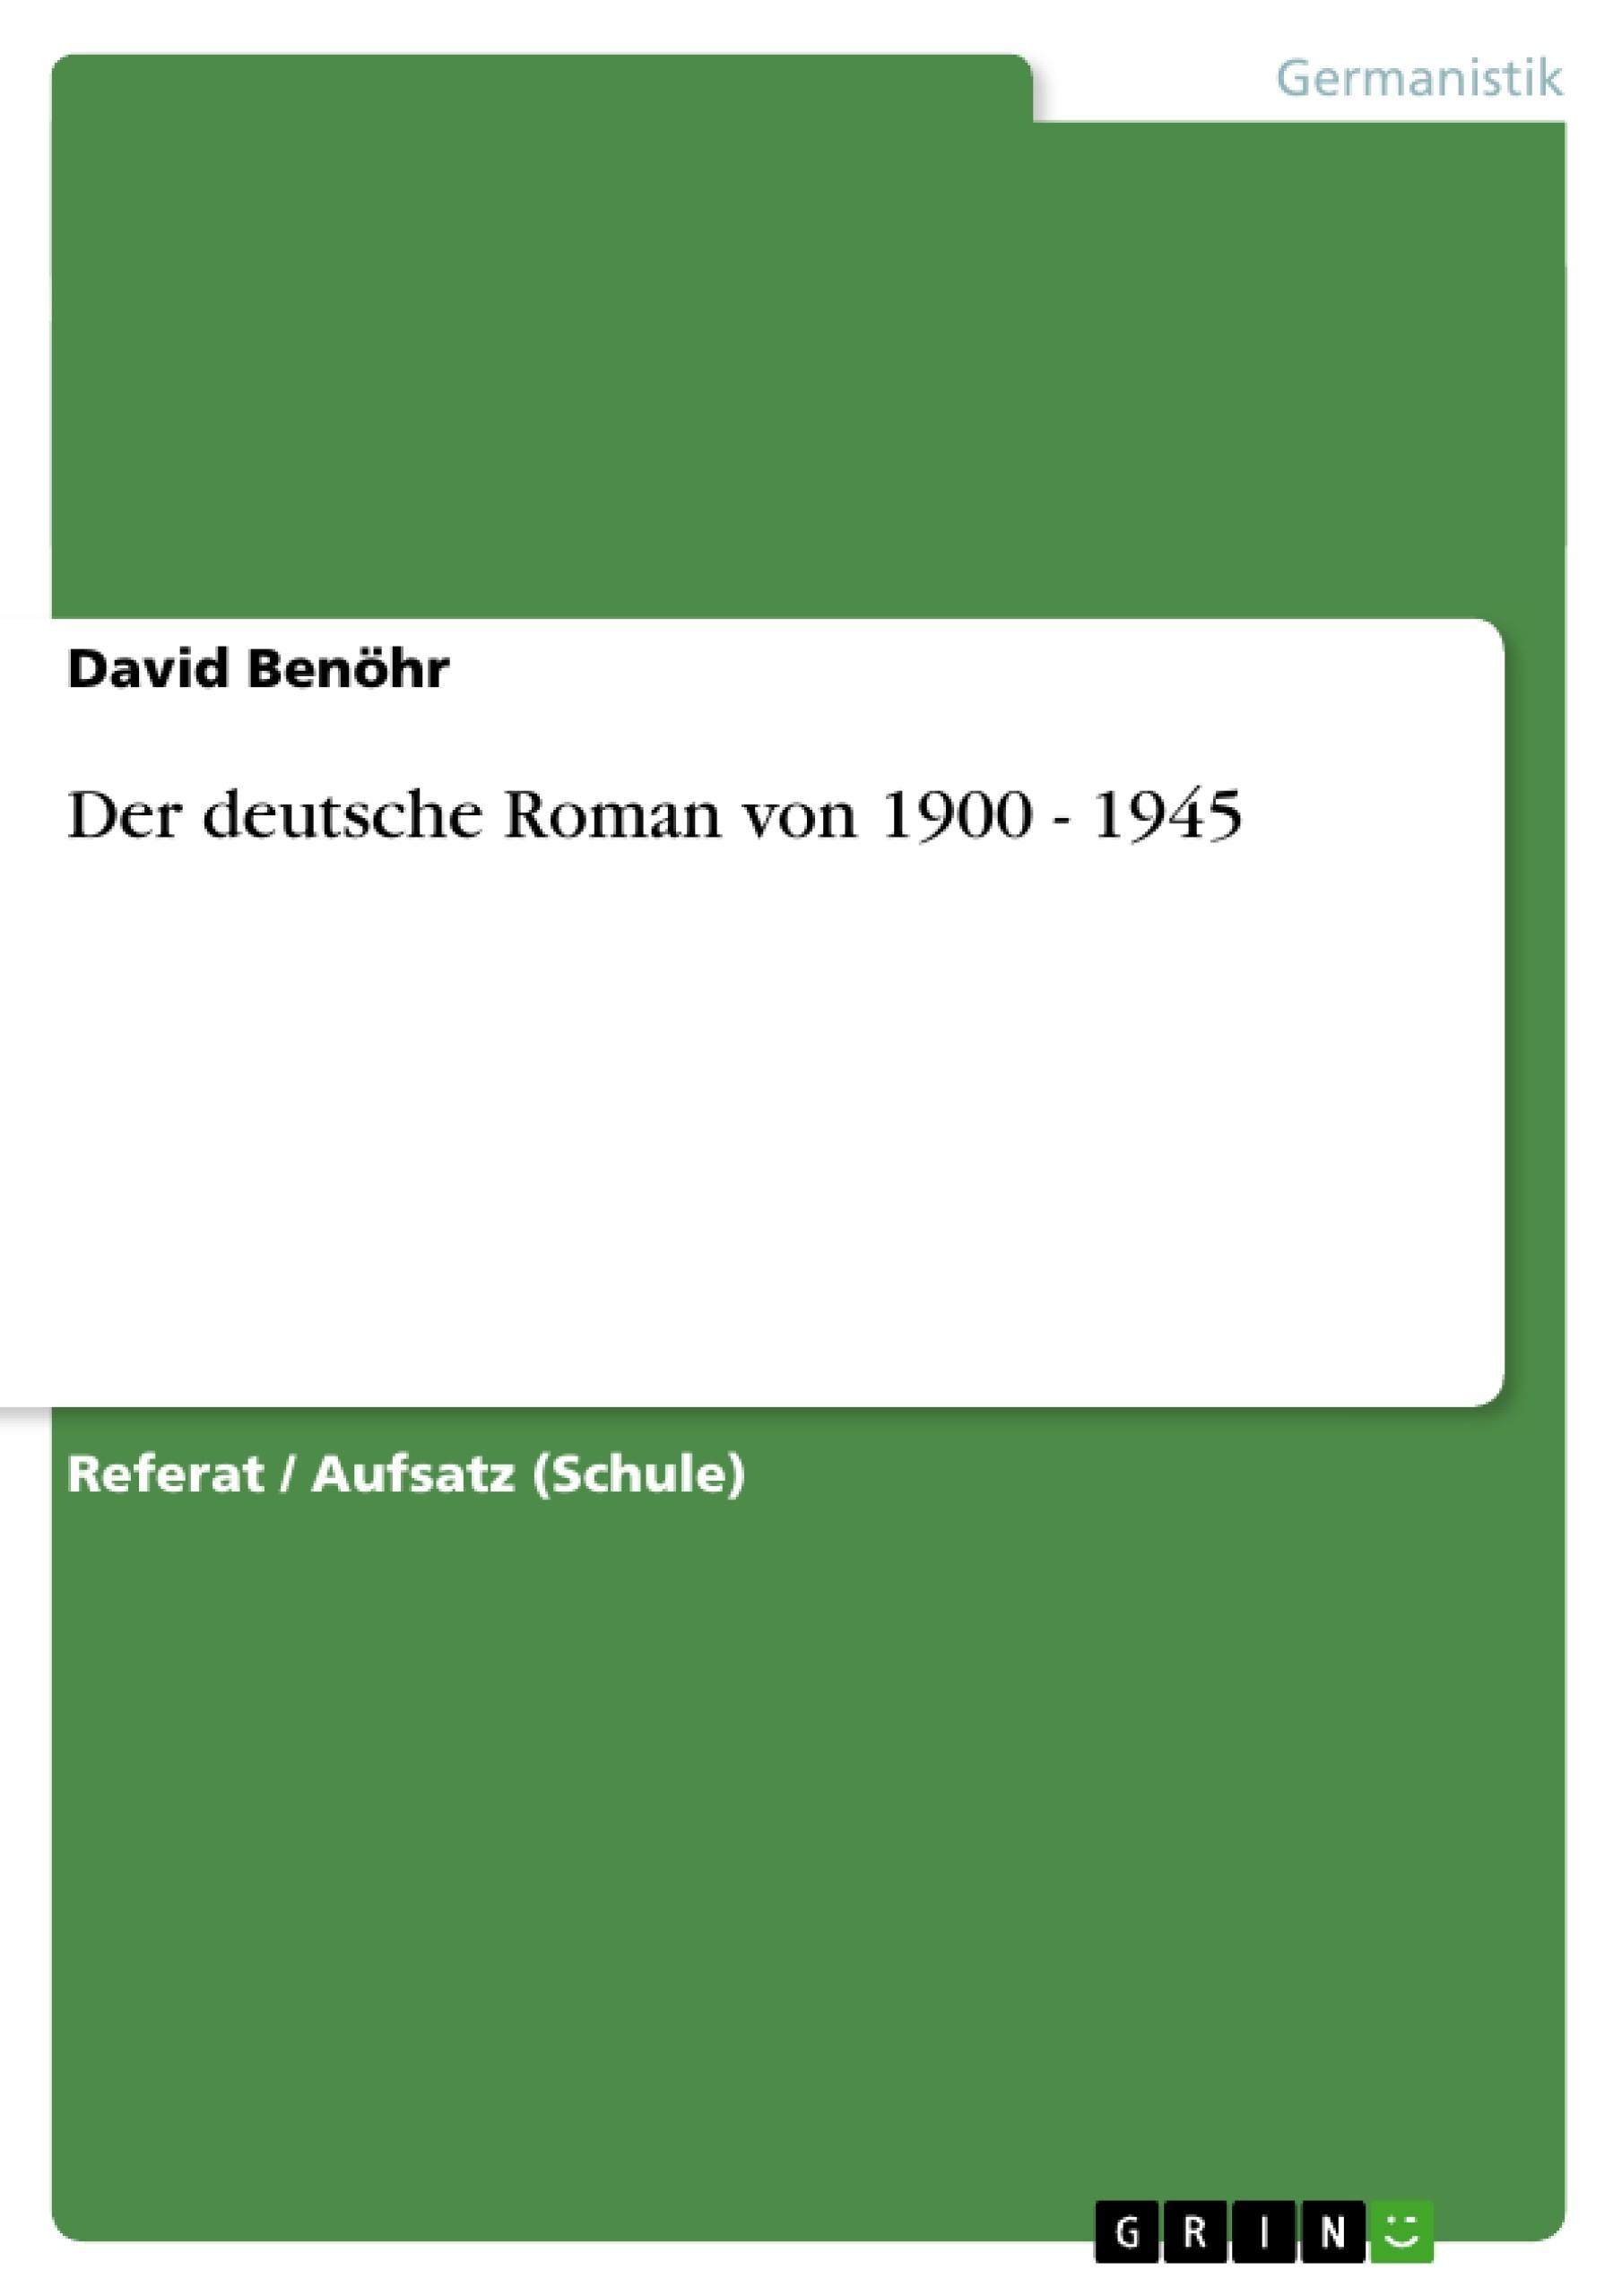 Titel: Der deutsche Roman von 1900 - 1945